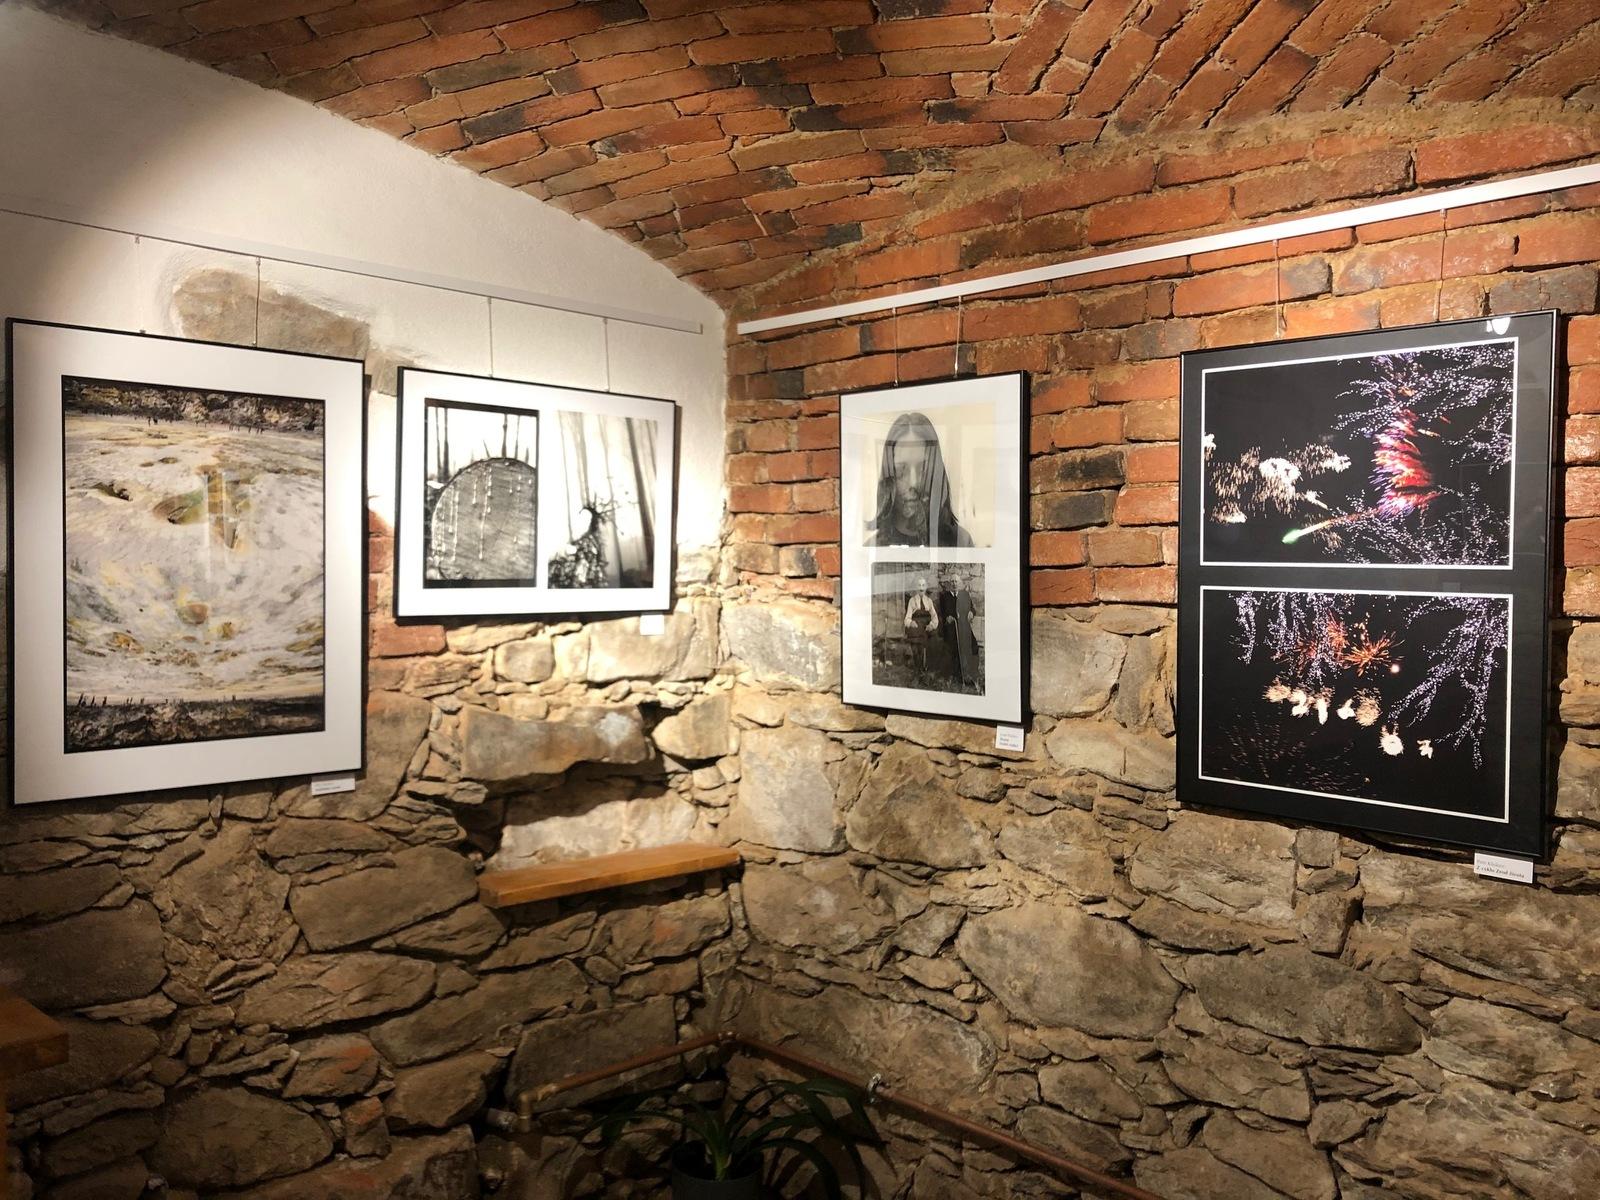 fotografická výstava